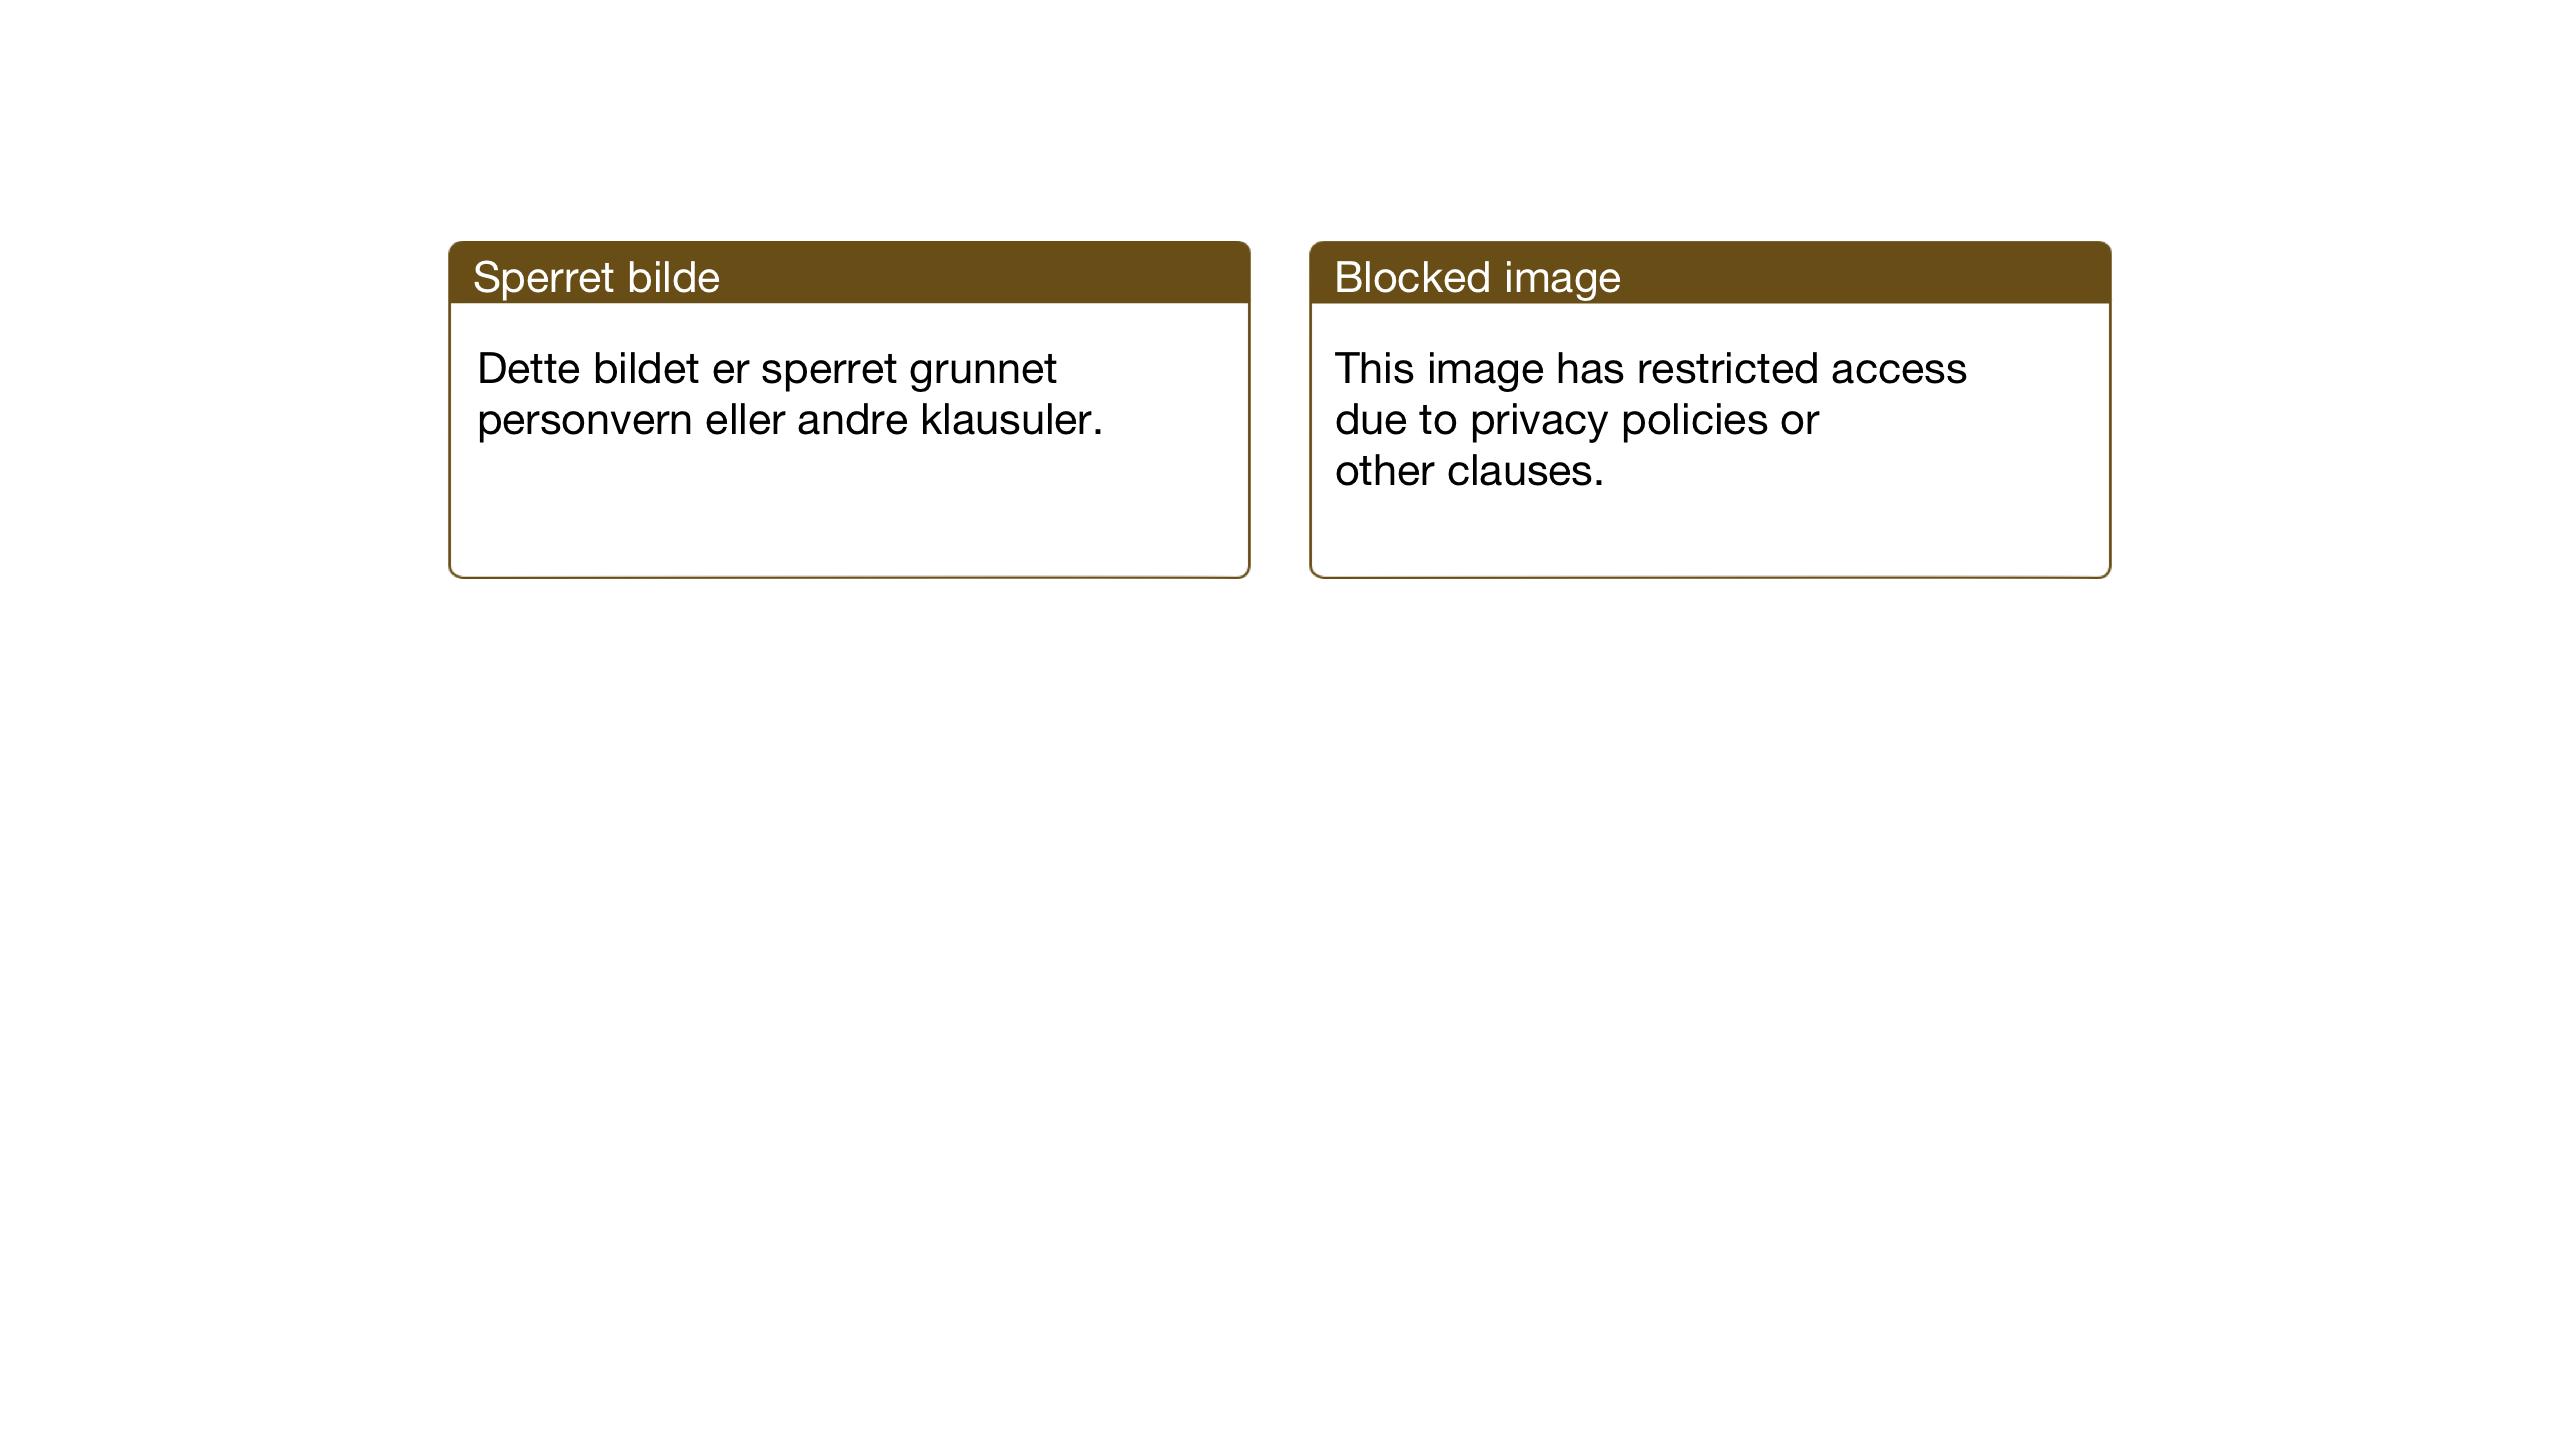 SAT, Ministerialprotokoller, klokkerbøker og fødselsregistre - Sør-Trøndelag, 657/L0718: Klokkerbok nr. 657C05, 1923-1948, s. 306